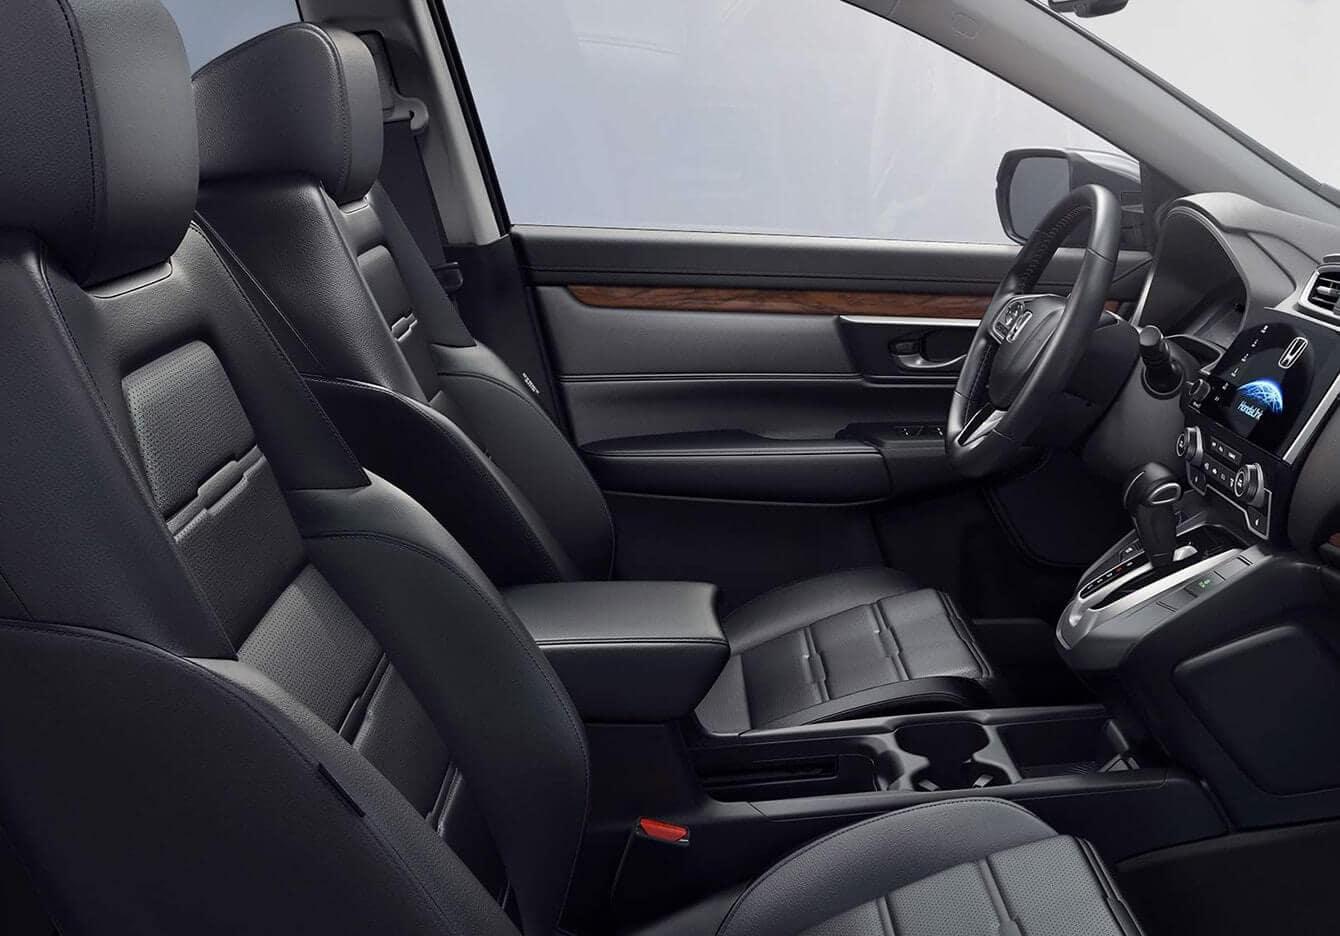 2019 Honda CR-V AWD Interior Front Cabin Passenger Side